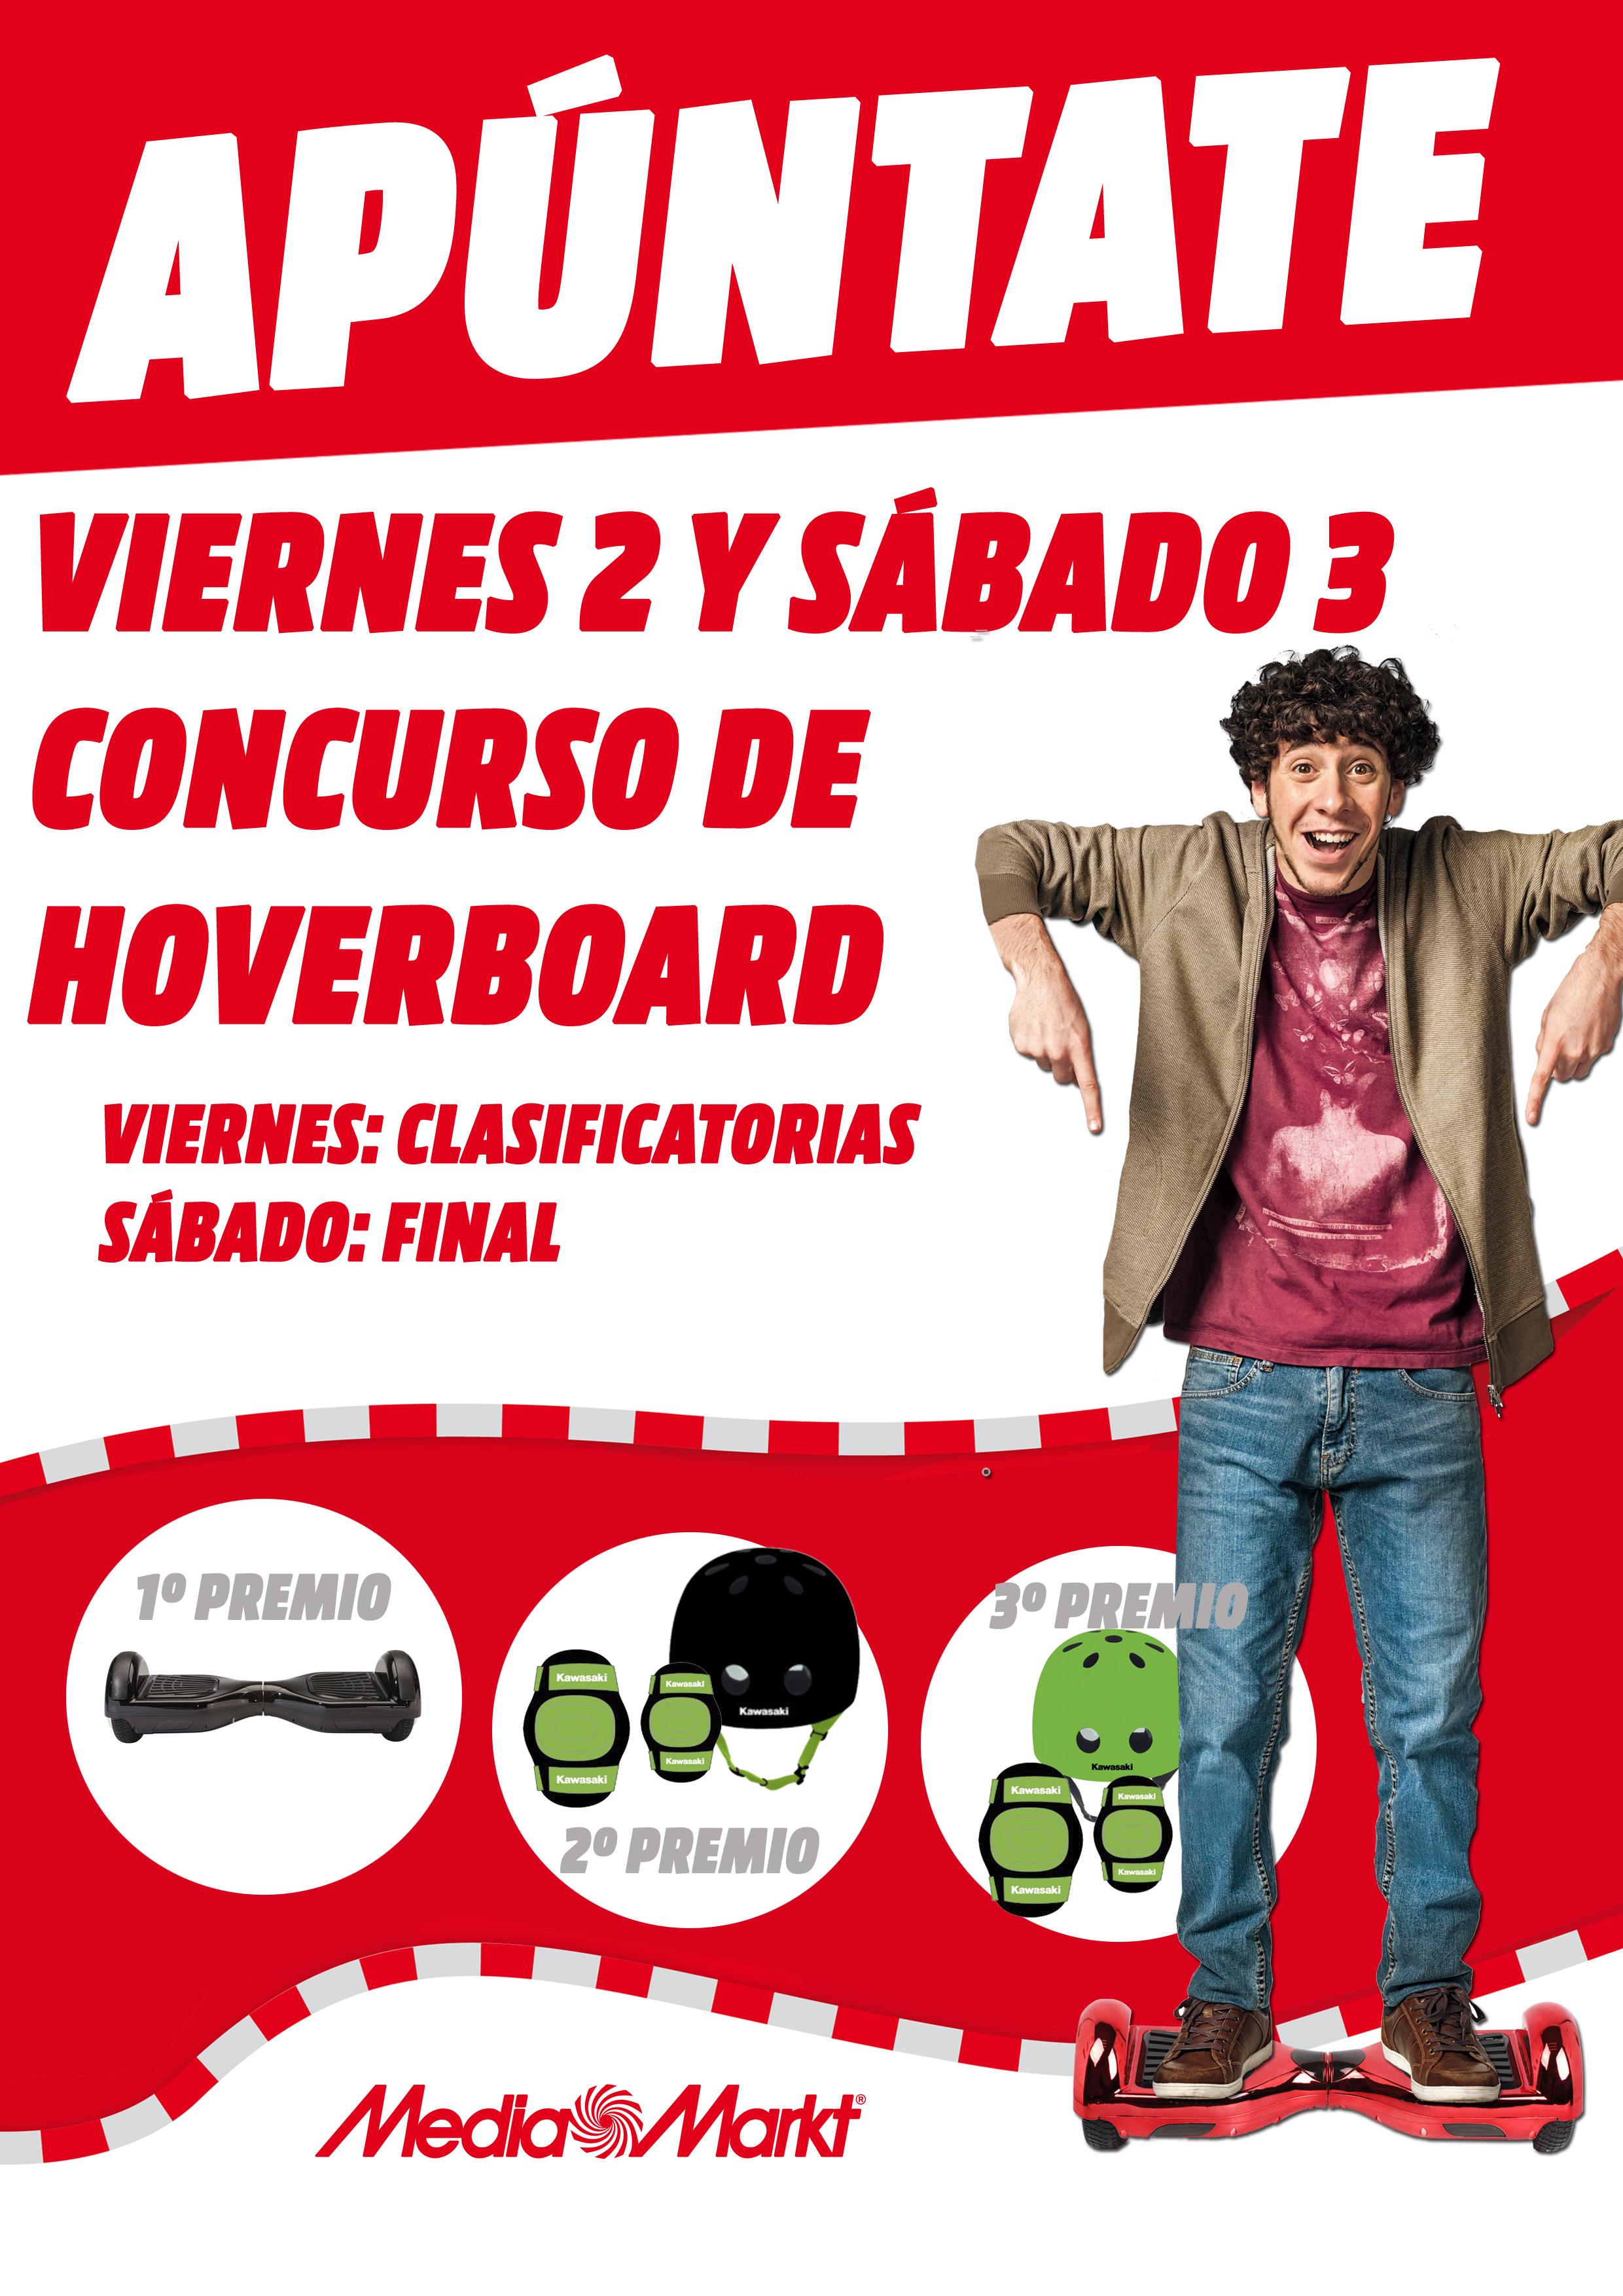 concurso-de-hoverboard